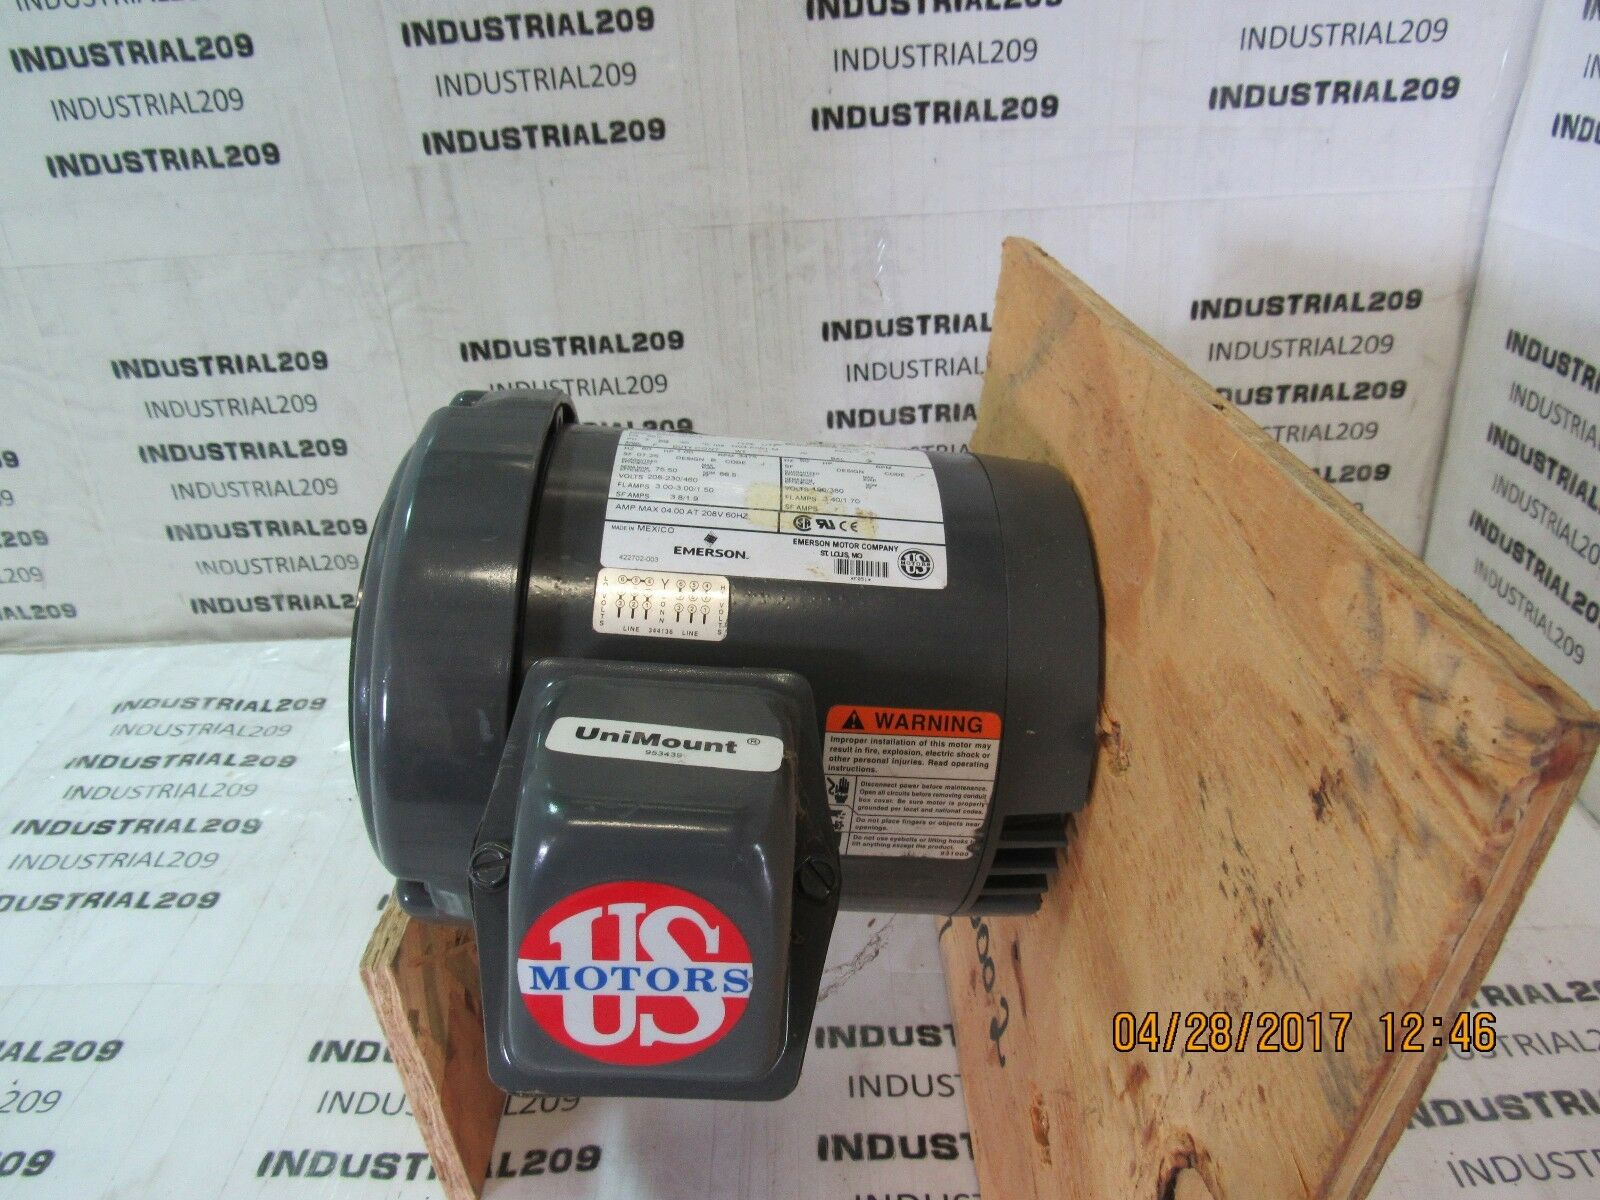 EMERSON MOTOR U1S1ACR 1HP 3475 RPM 208-230 460 F051 NEW